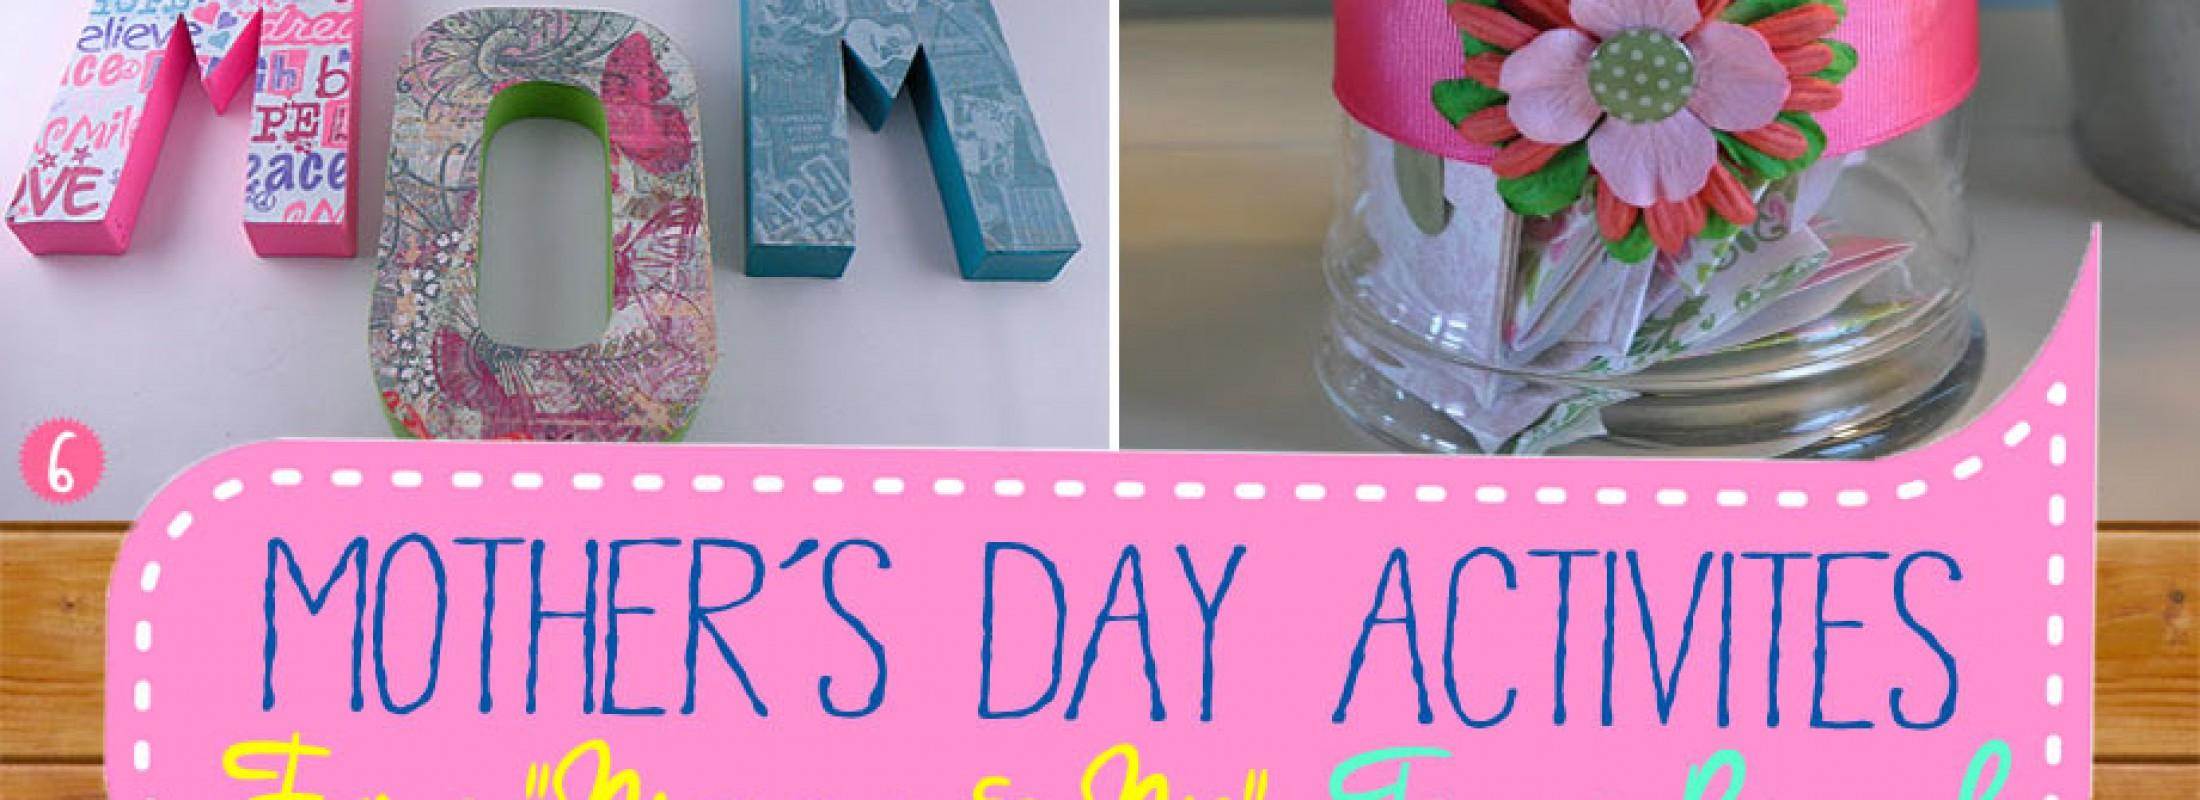 Mothers day tea activities